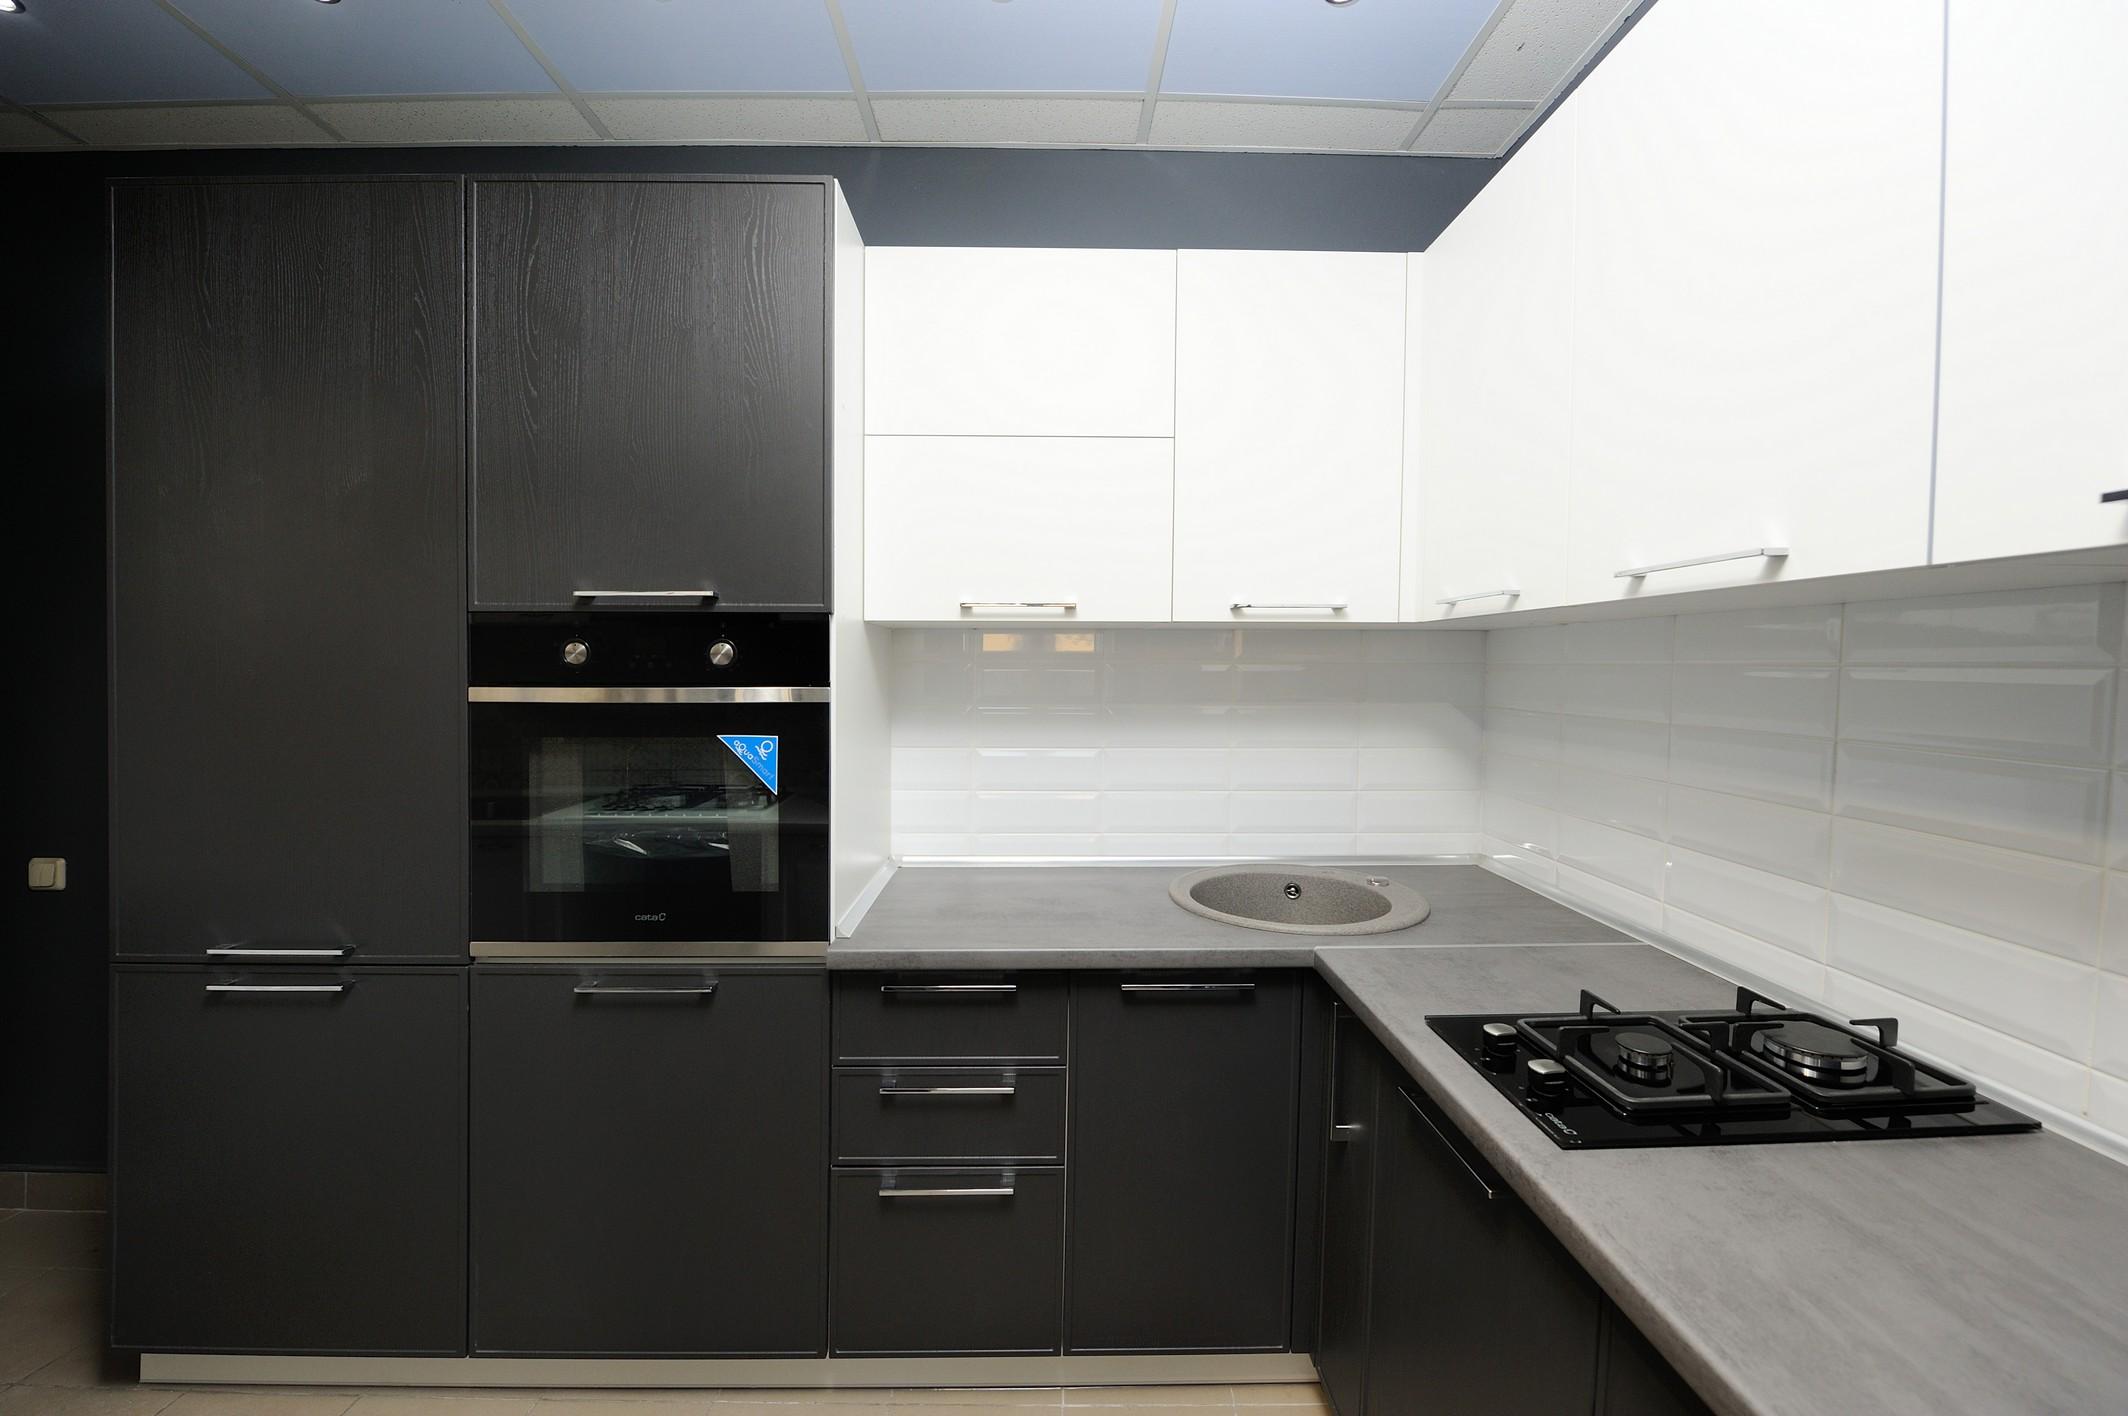 кухня фрейм темная и техника